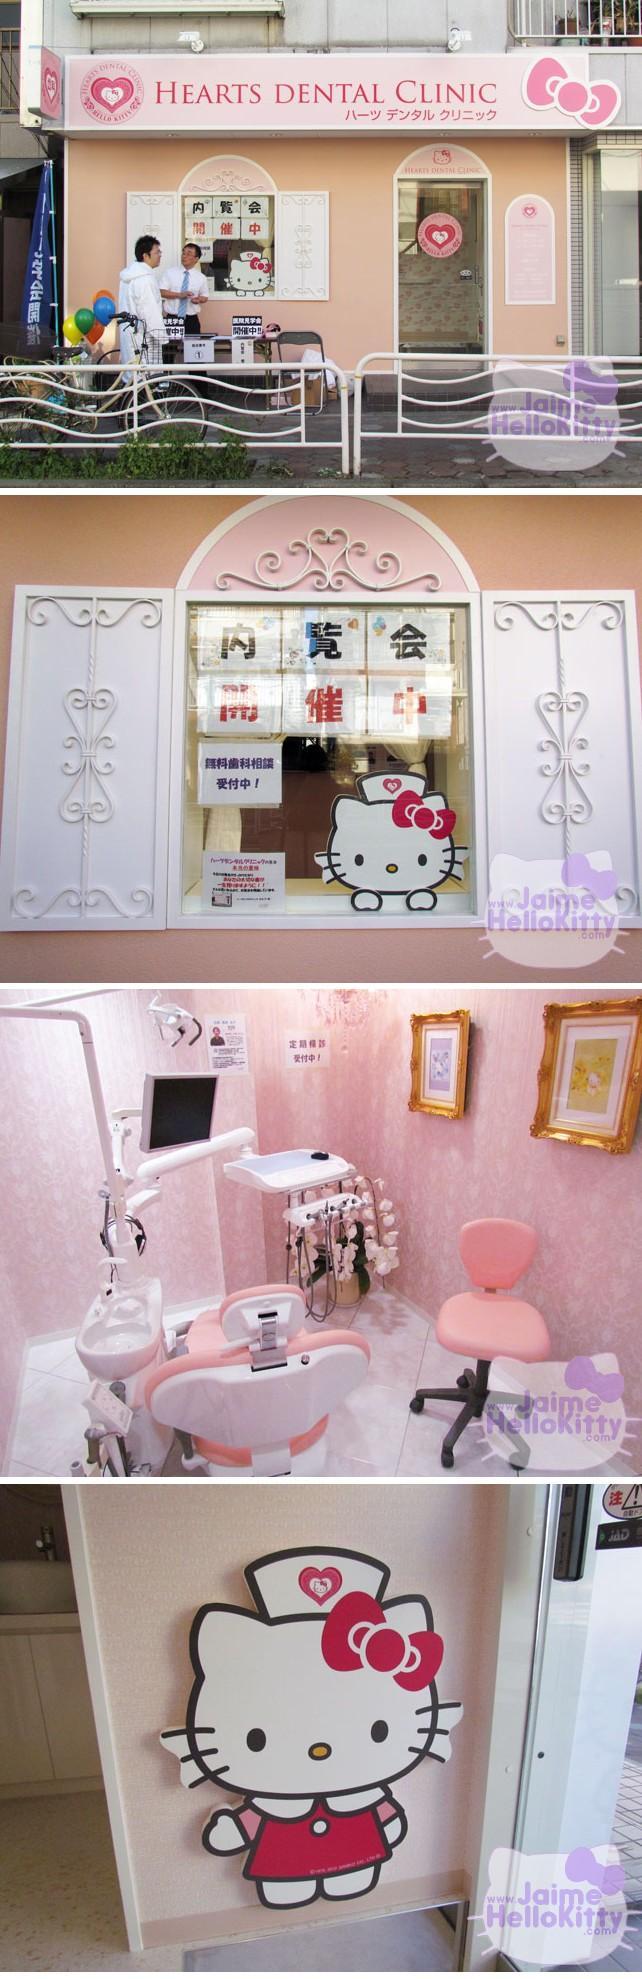 Insolite Une Clinique Dentaire Hello Kitty 224 Tokyo